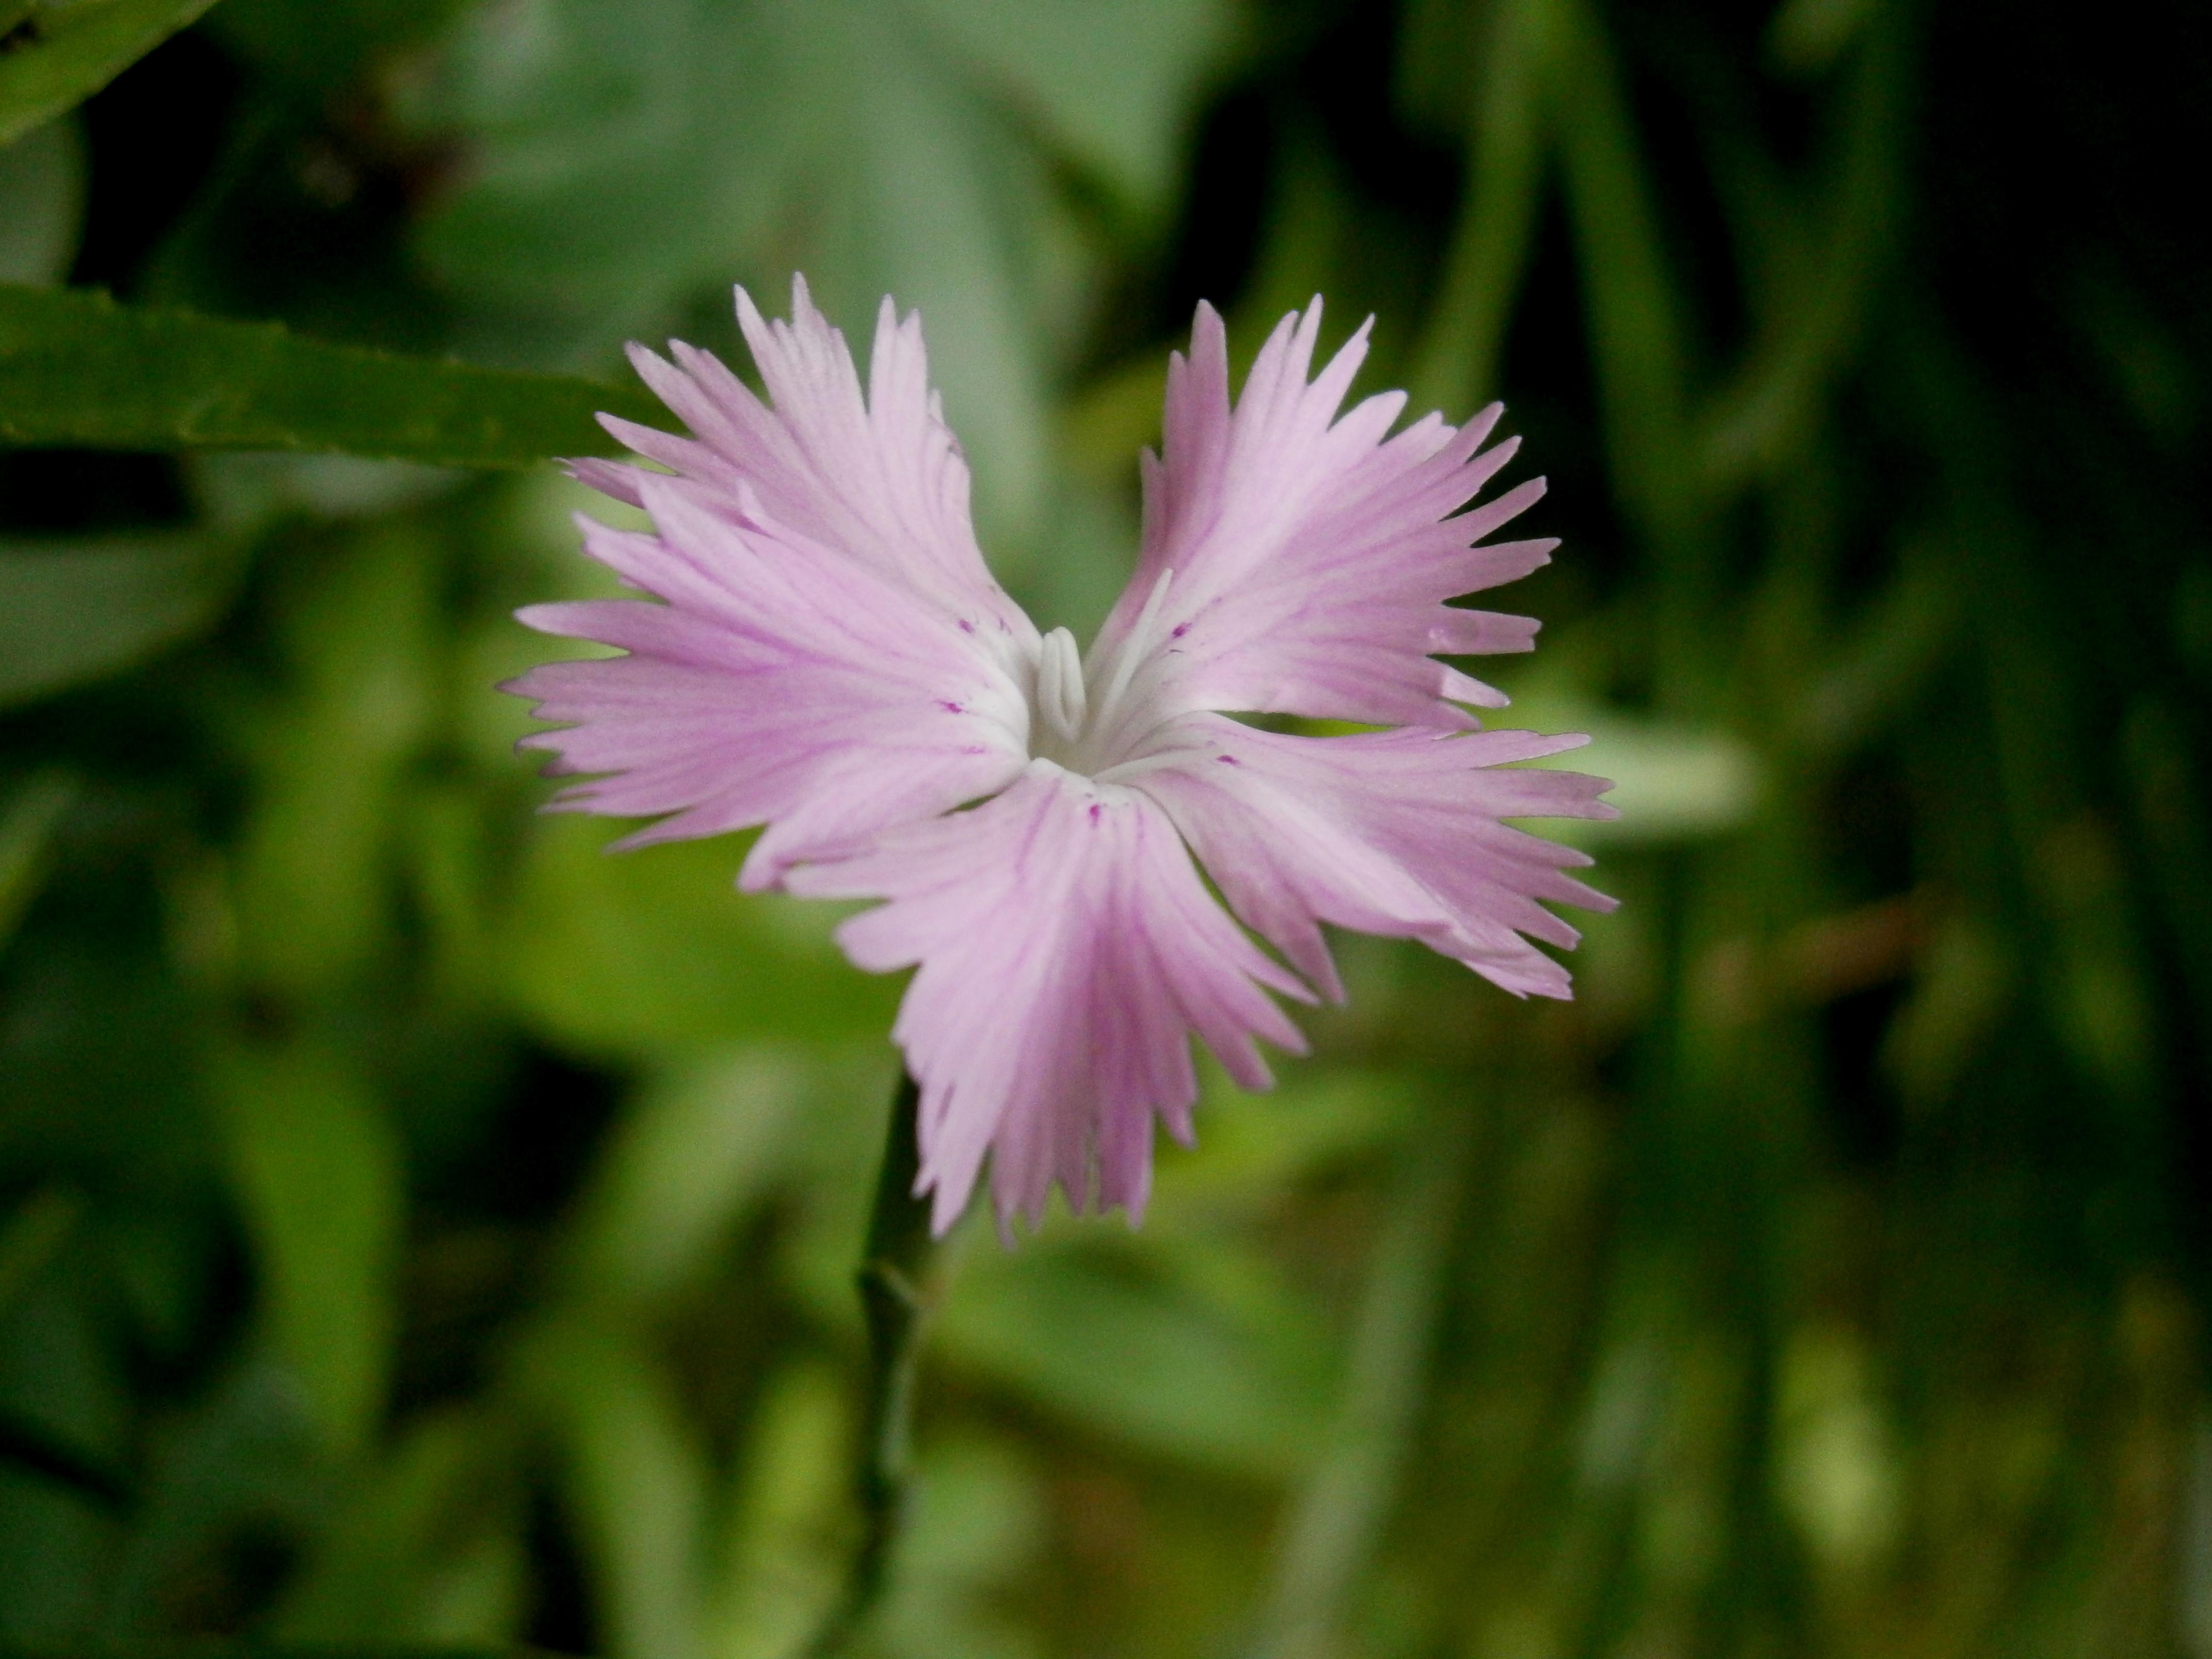 fichier:dianthus gallicus (fleur) 3 — wikipédia